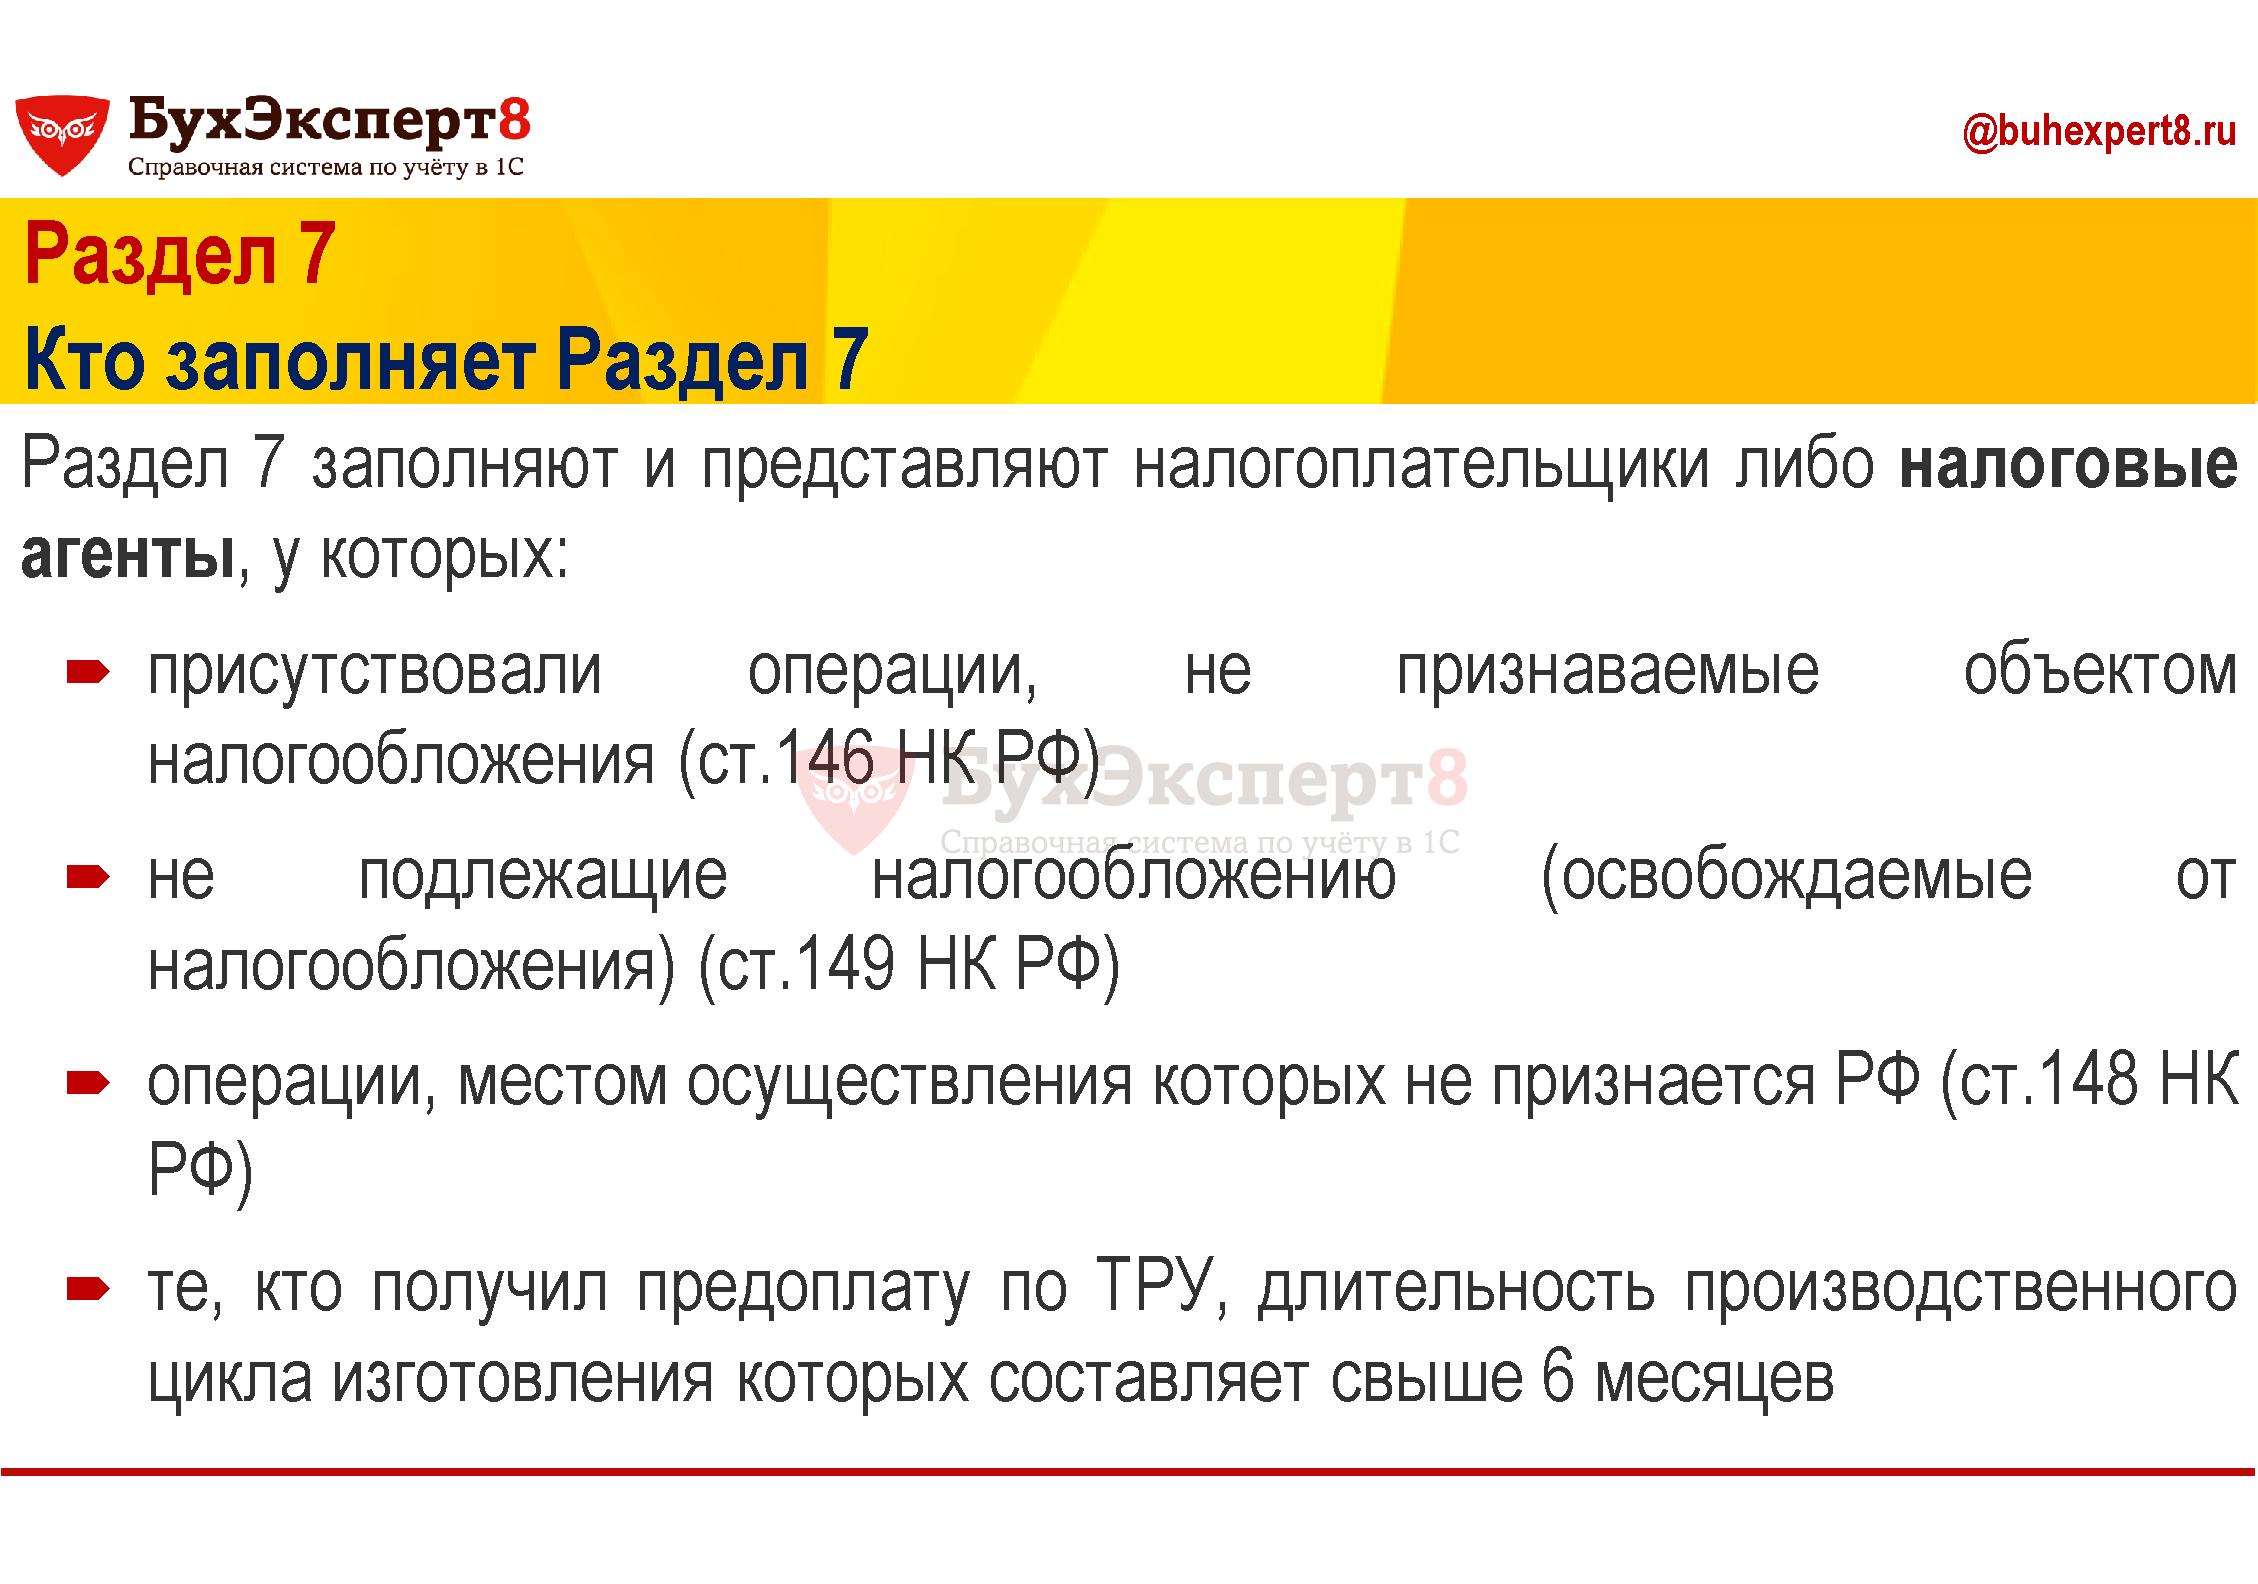 Раздел 7 Кто заполняет Раздел 7 Раздел 7 заполняют и представляют налогоплательщики либо налоговые агенты, у которых: присутствовали операции, не признаваемые объектом налогообложения (ст.146 НК РФ) не подлежащие налогообложению (освобождаемые от налогообложения) (ст.149 НК РФ) операции, местом осуществления которых не признается РФ (ст.148 НК РФ) те, кто получил предоплату по ТРУ, длительность производственного цикла изготовления которых составляет свыше 6 месяцев